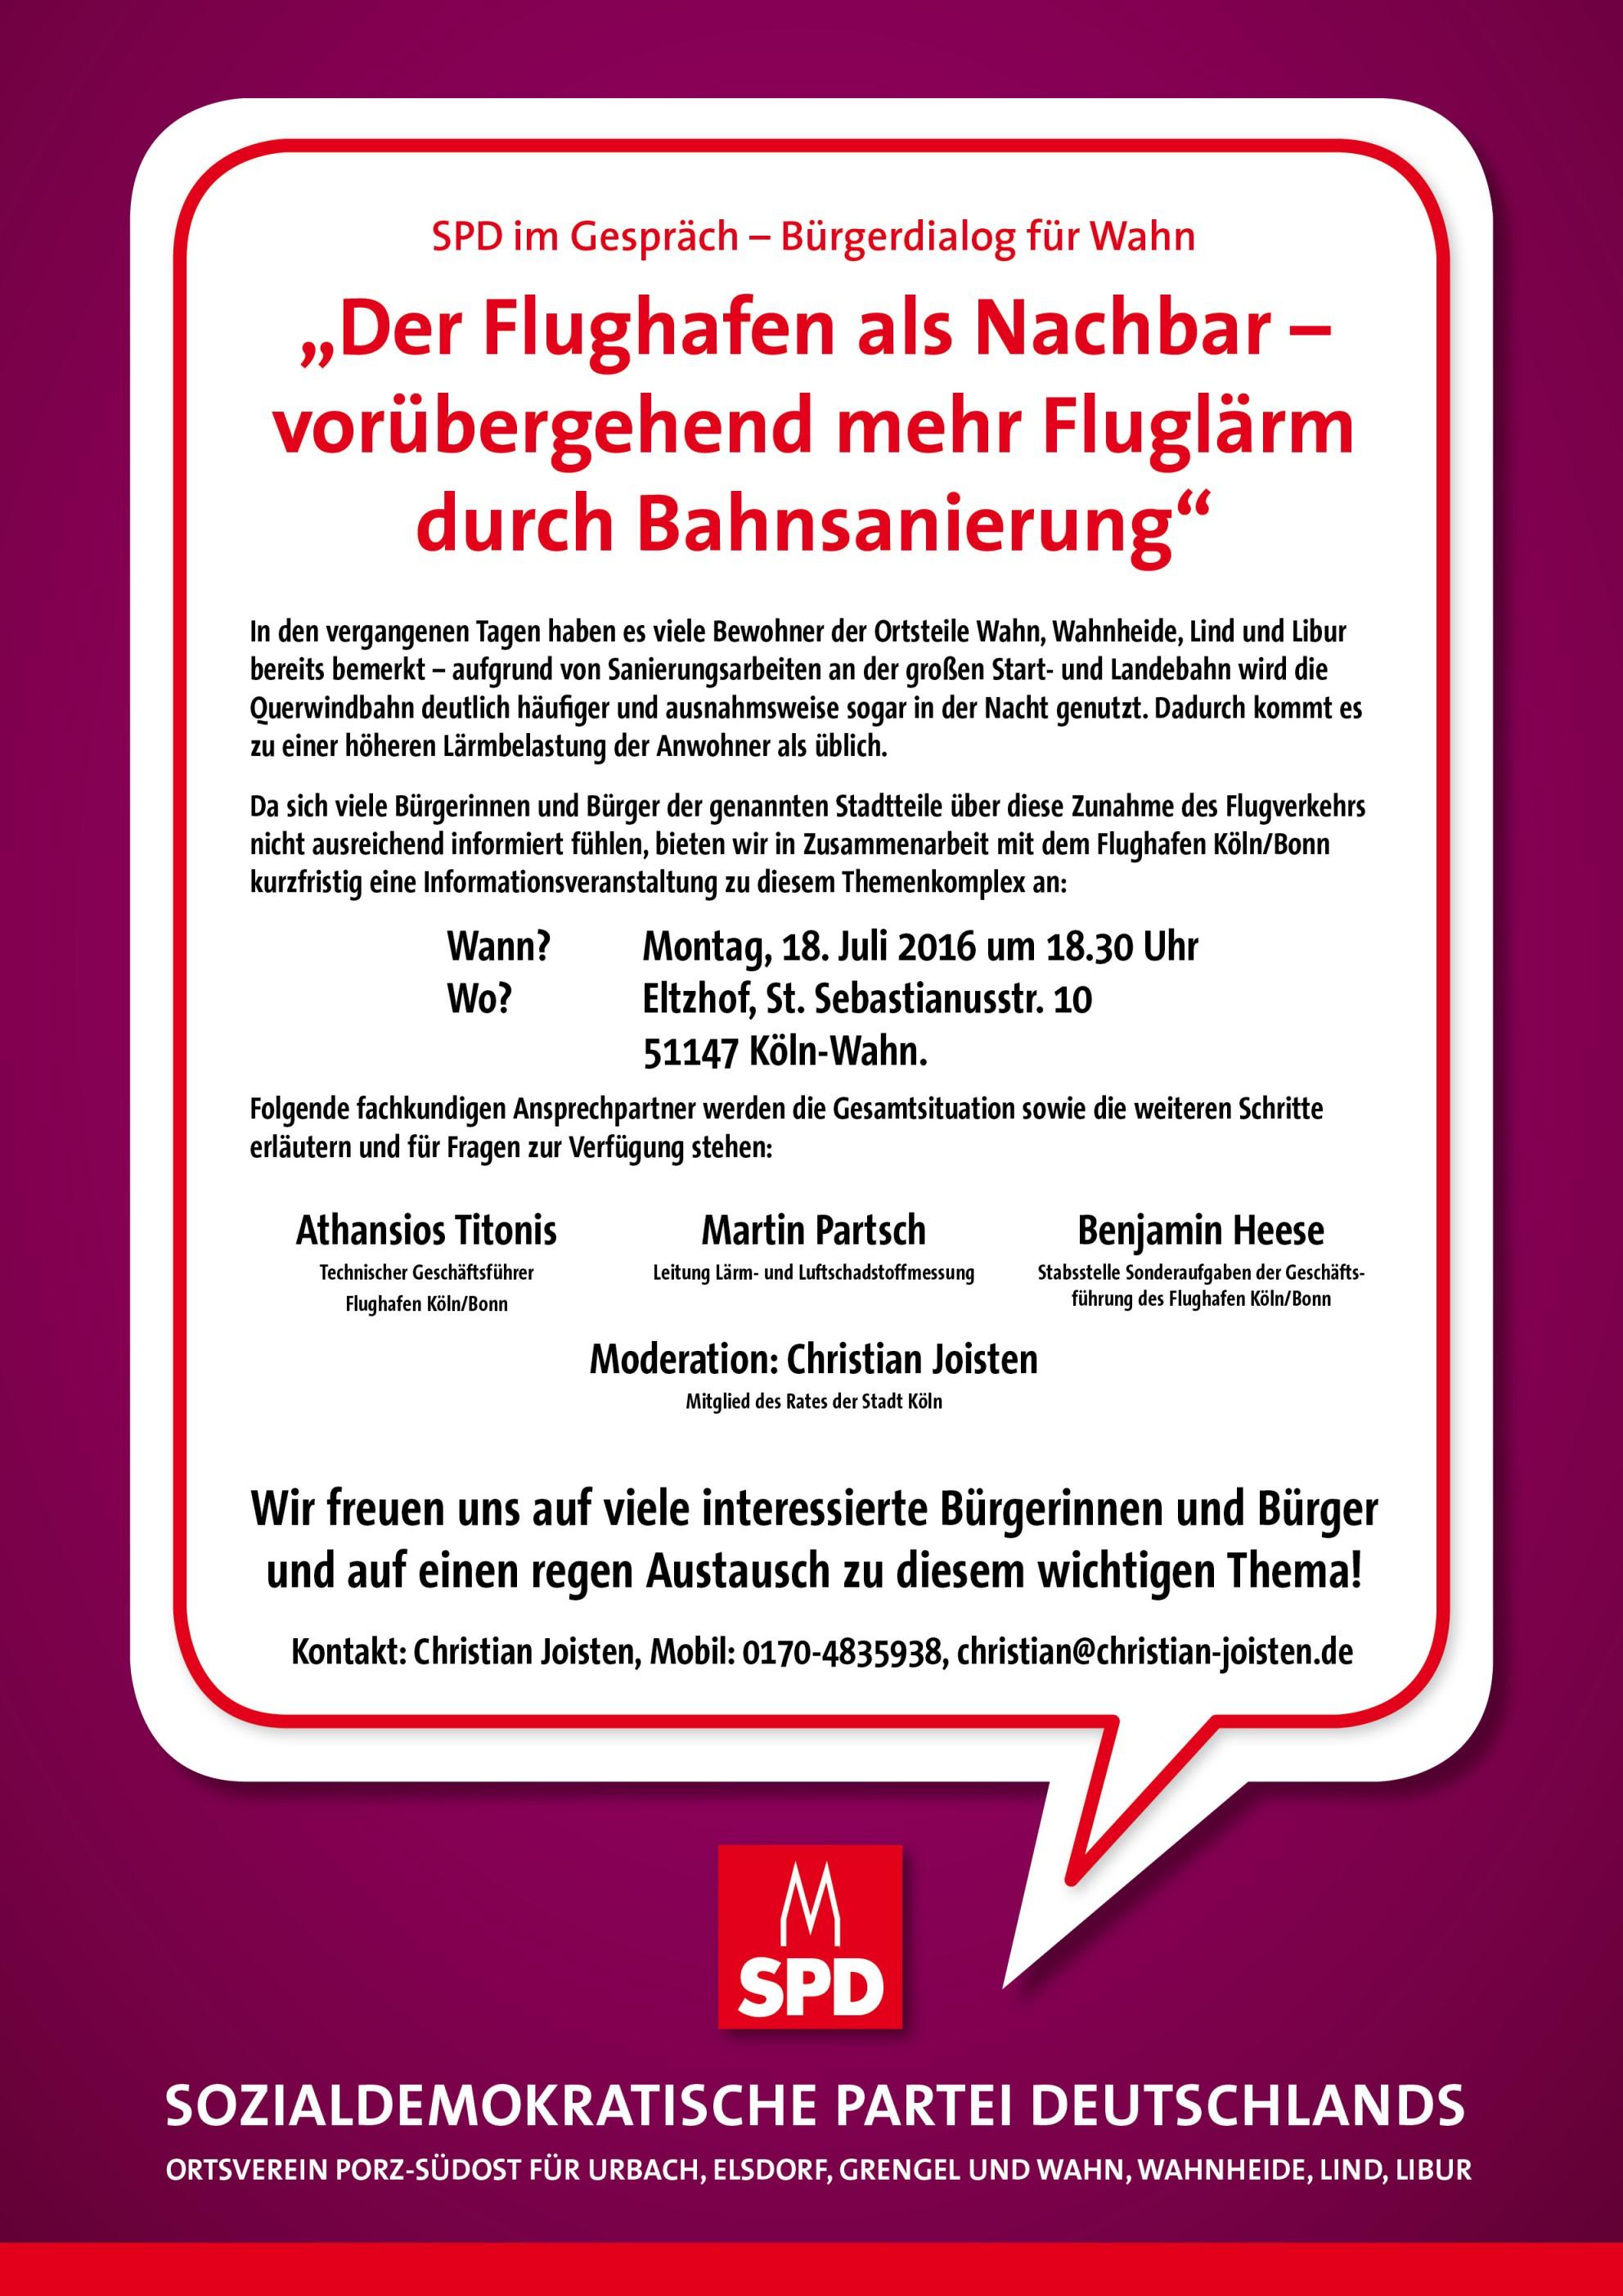 SPD_BDialog_Wahn_Fluglärm_klein